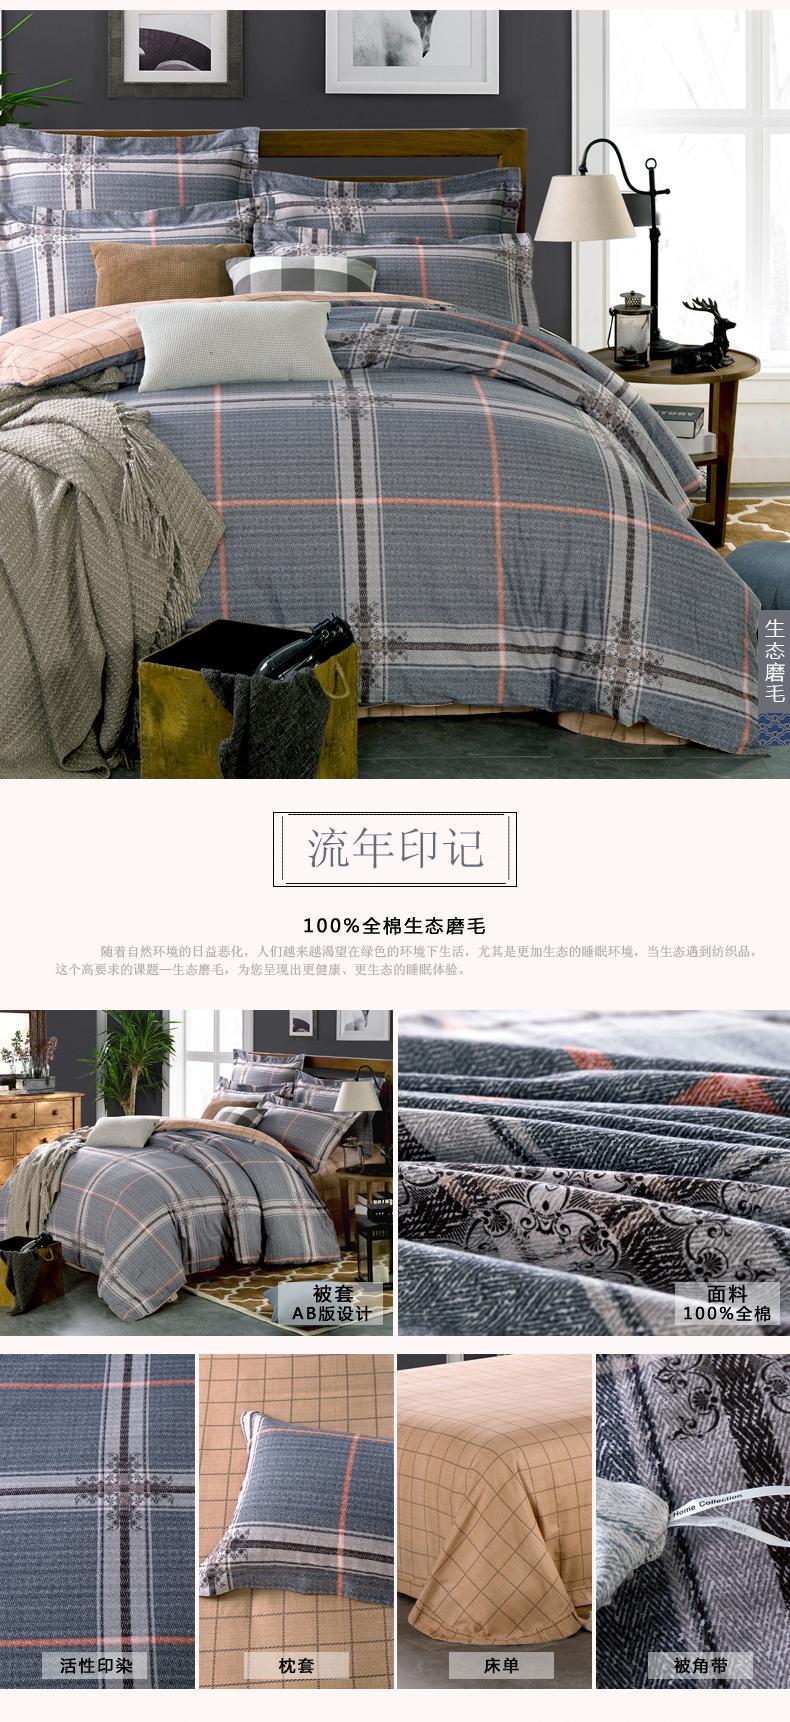 洛奇家纺专营店_皇钻品牌产品评情图